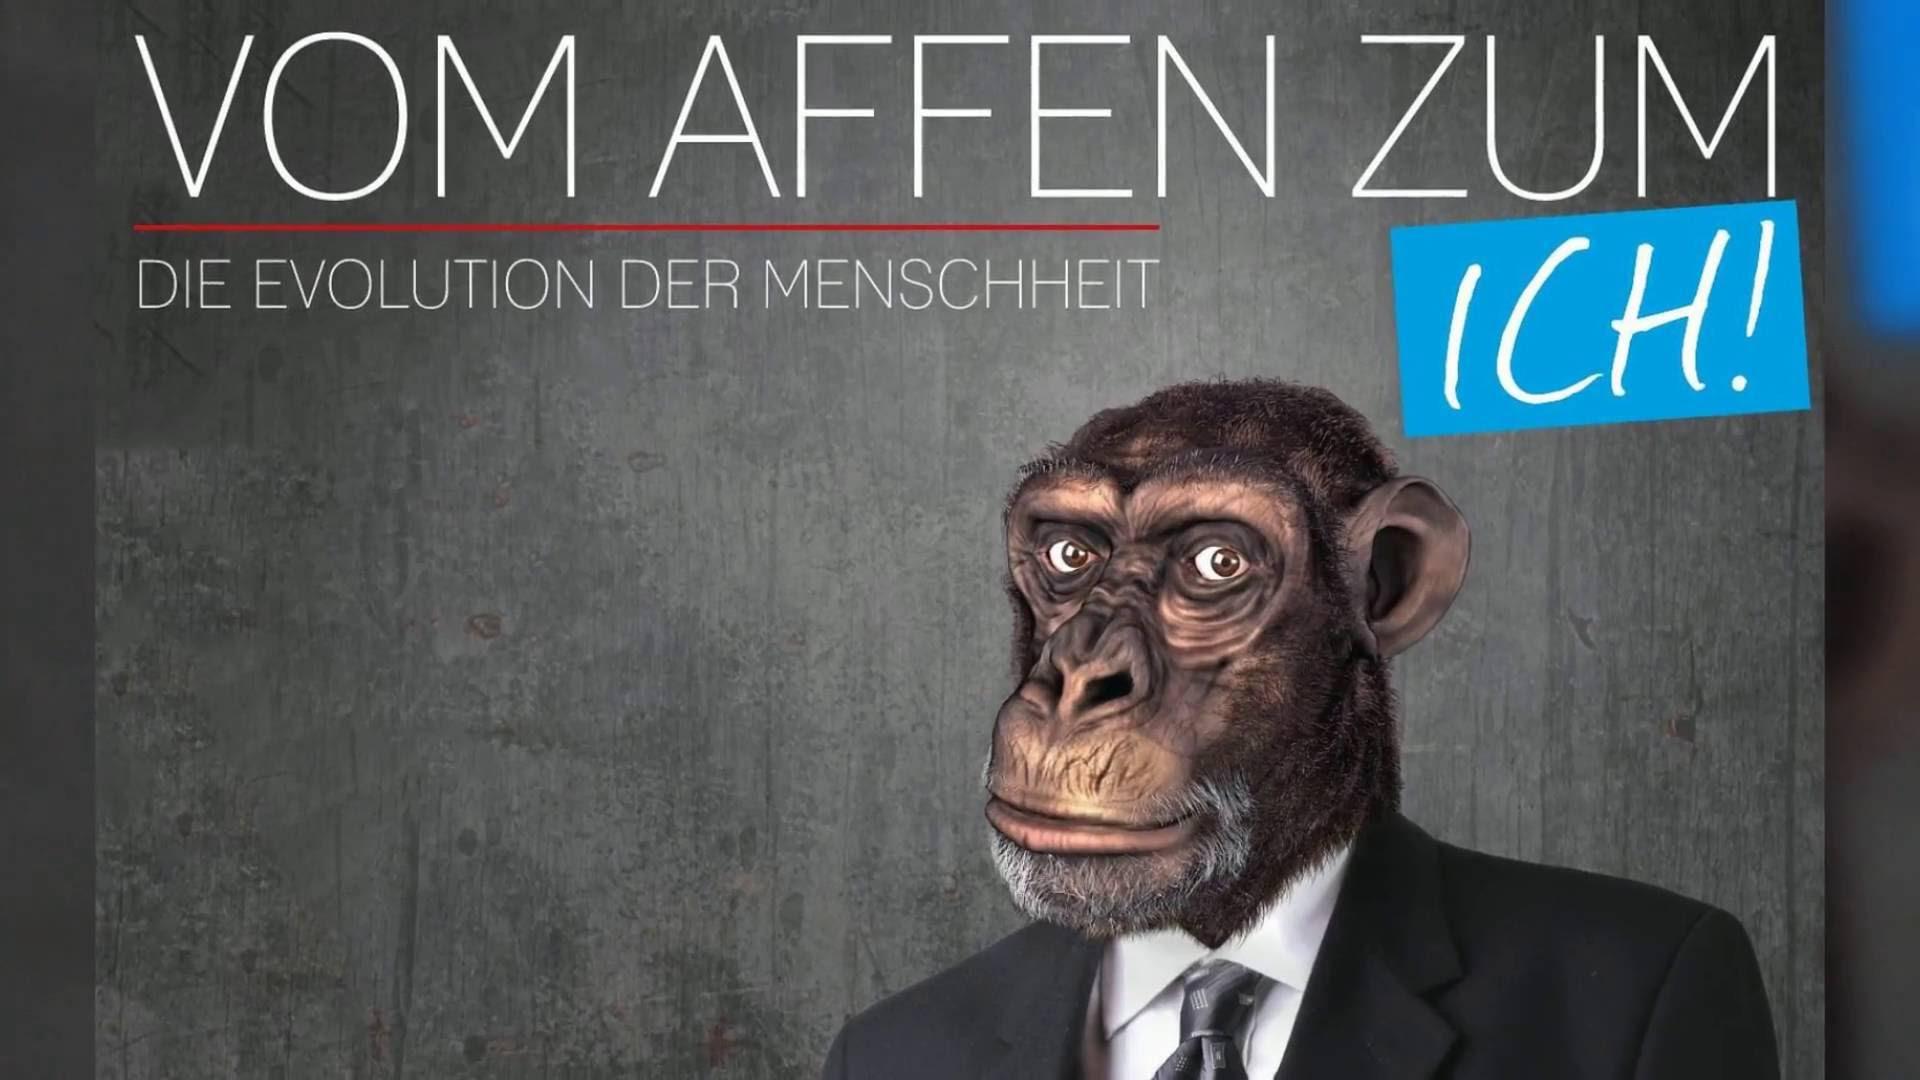 """Sonderausstellung: """"Vom Affen zum ICH!"""" - Südsauerlandmuseum Attendorn"""